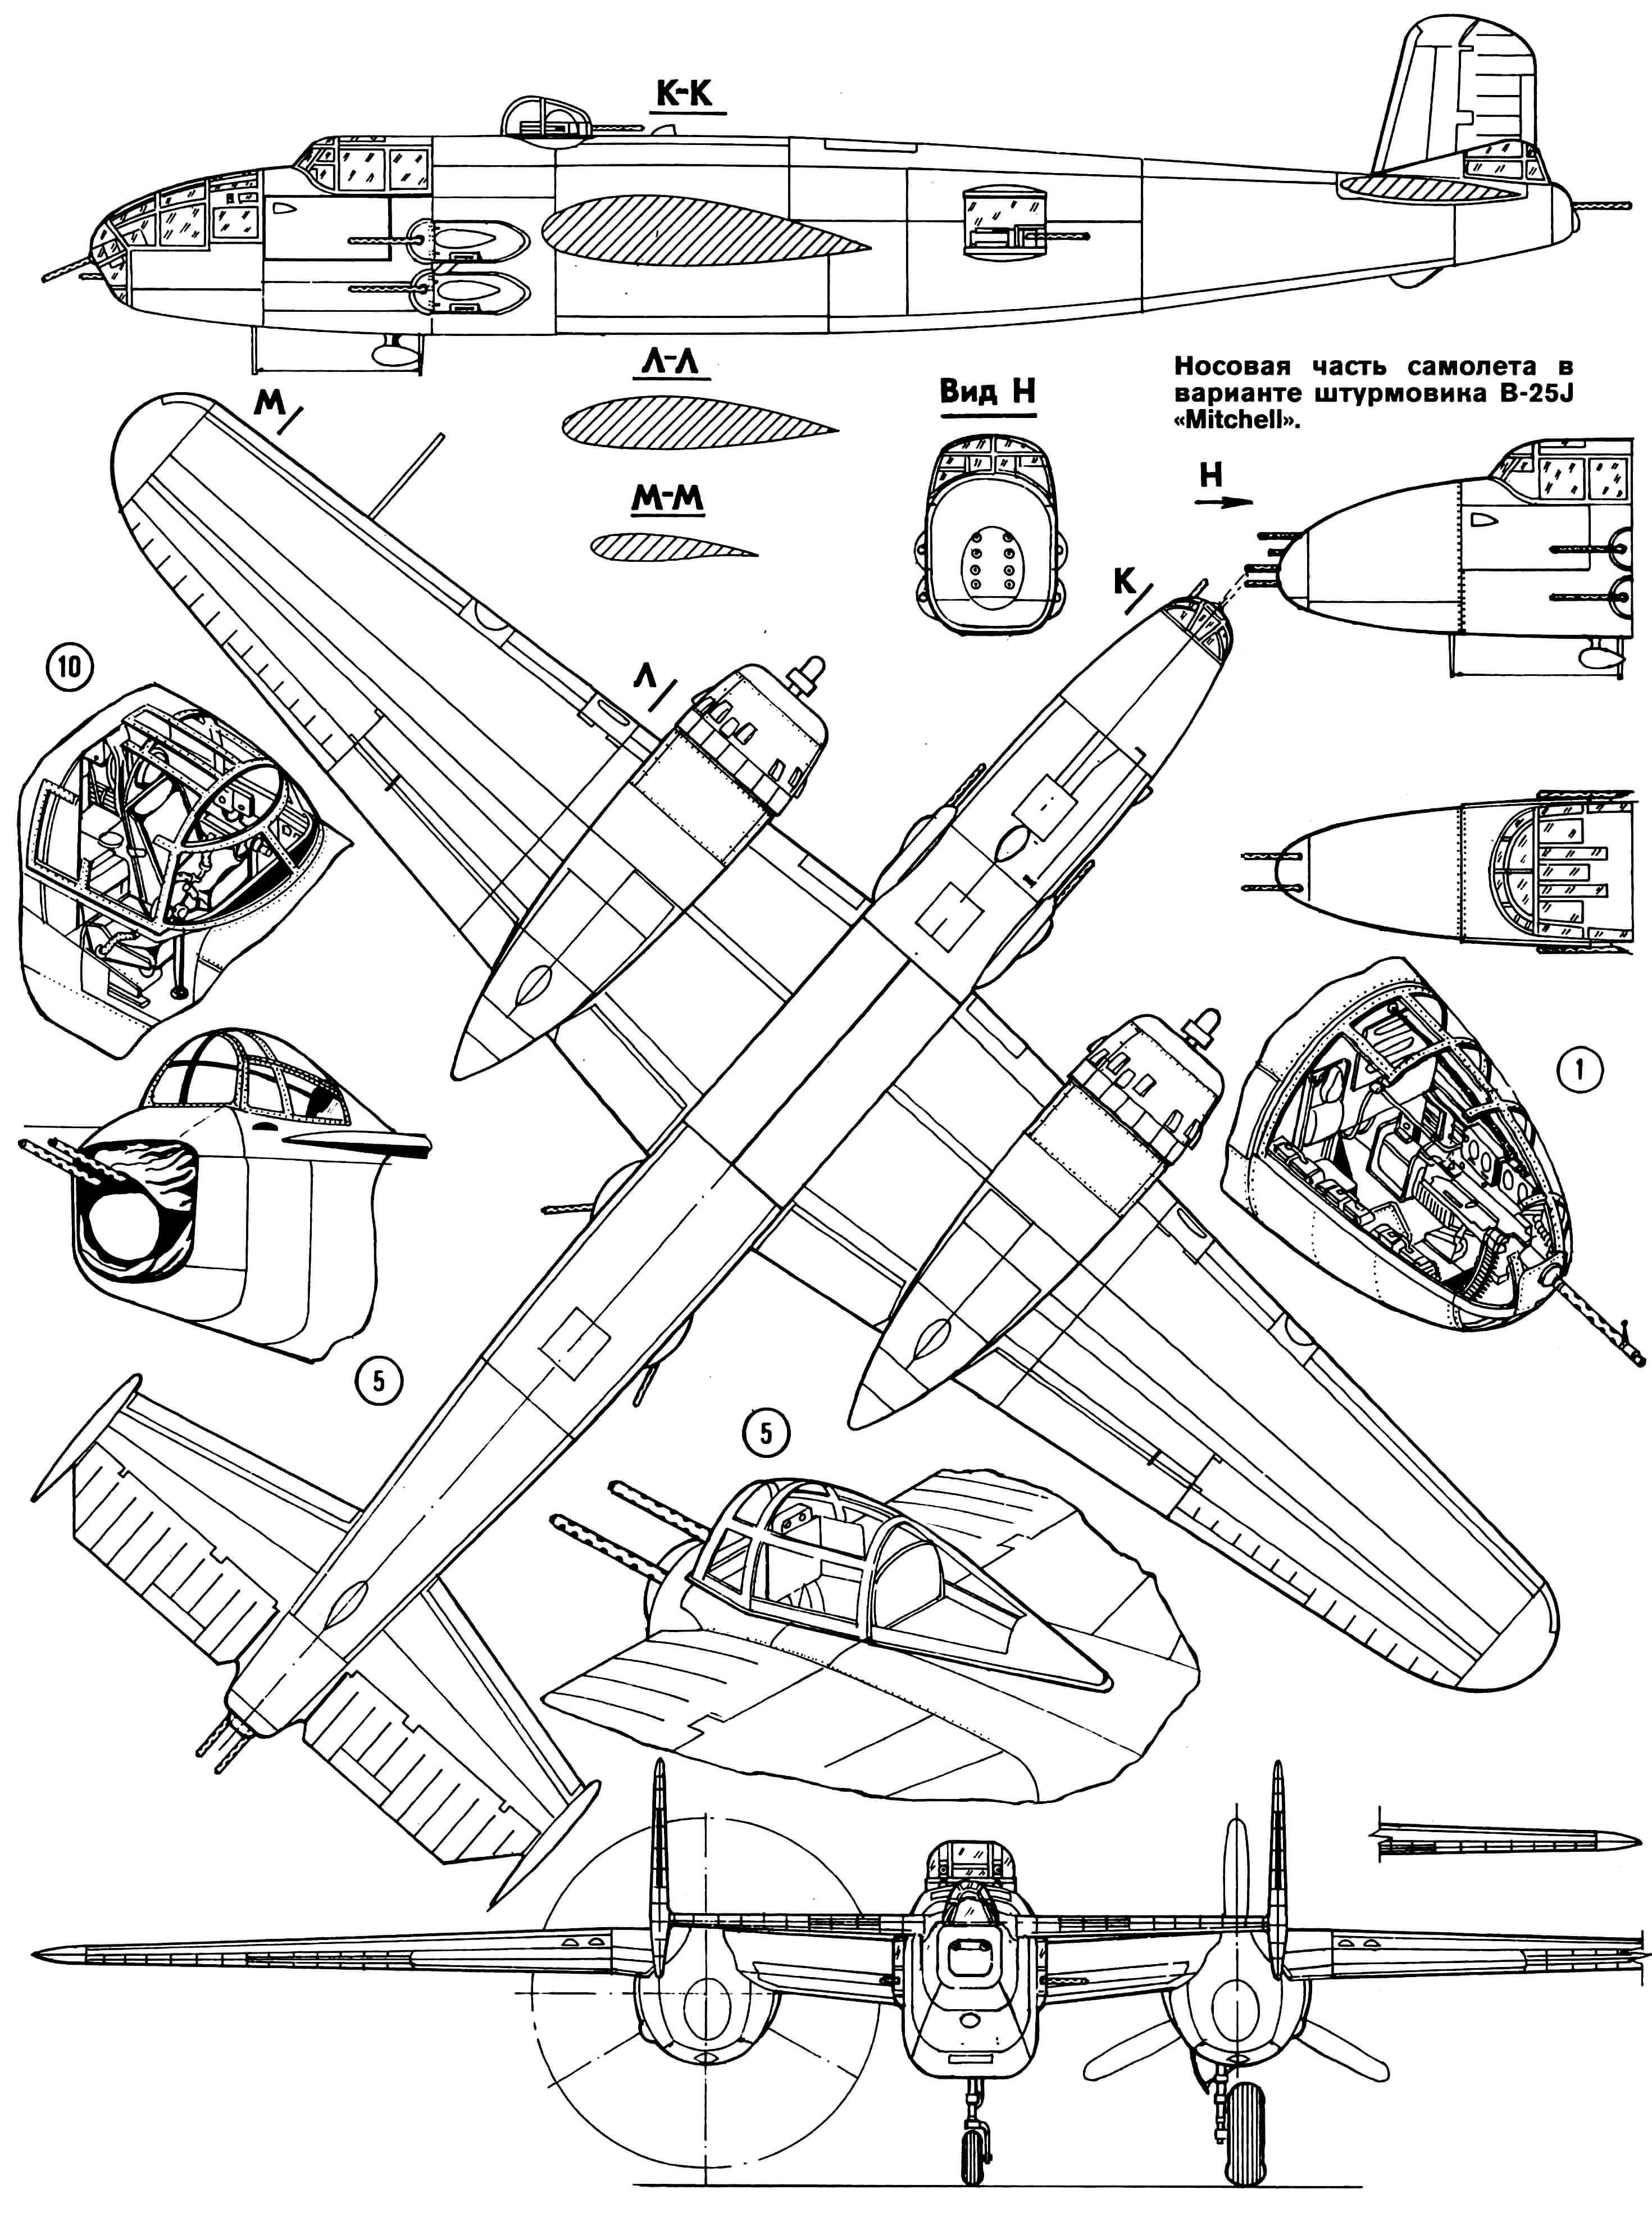 Бомбардировщик B-25J: 1 — кабина штурмана, 2 — двигатель, 3 — верхняя стрелковая башня, 4 — бортовая стрелковая установка, 5 — хвостовая стрелковая установка, 6 — основная стойка шасси, 7 — носовая стойка шасси, 8 — бортовая неподвижная установка пулеметов, 9 — обтекатель антенны радиокомпаса, 10 — кабина пилотов.